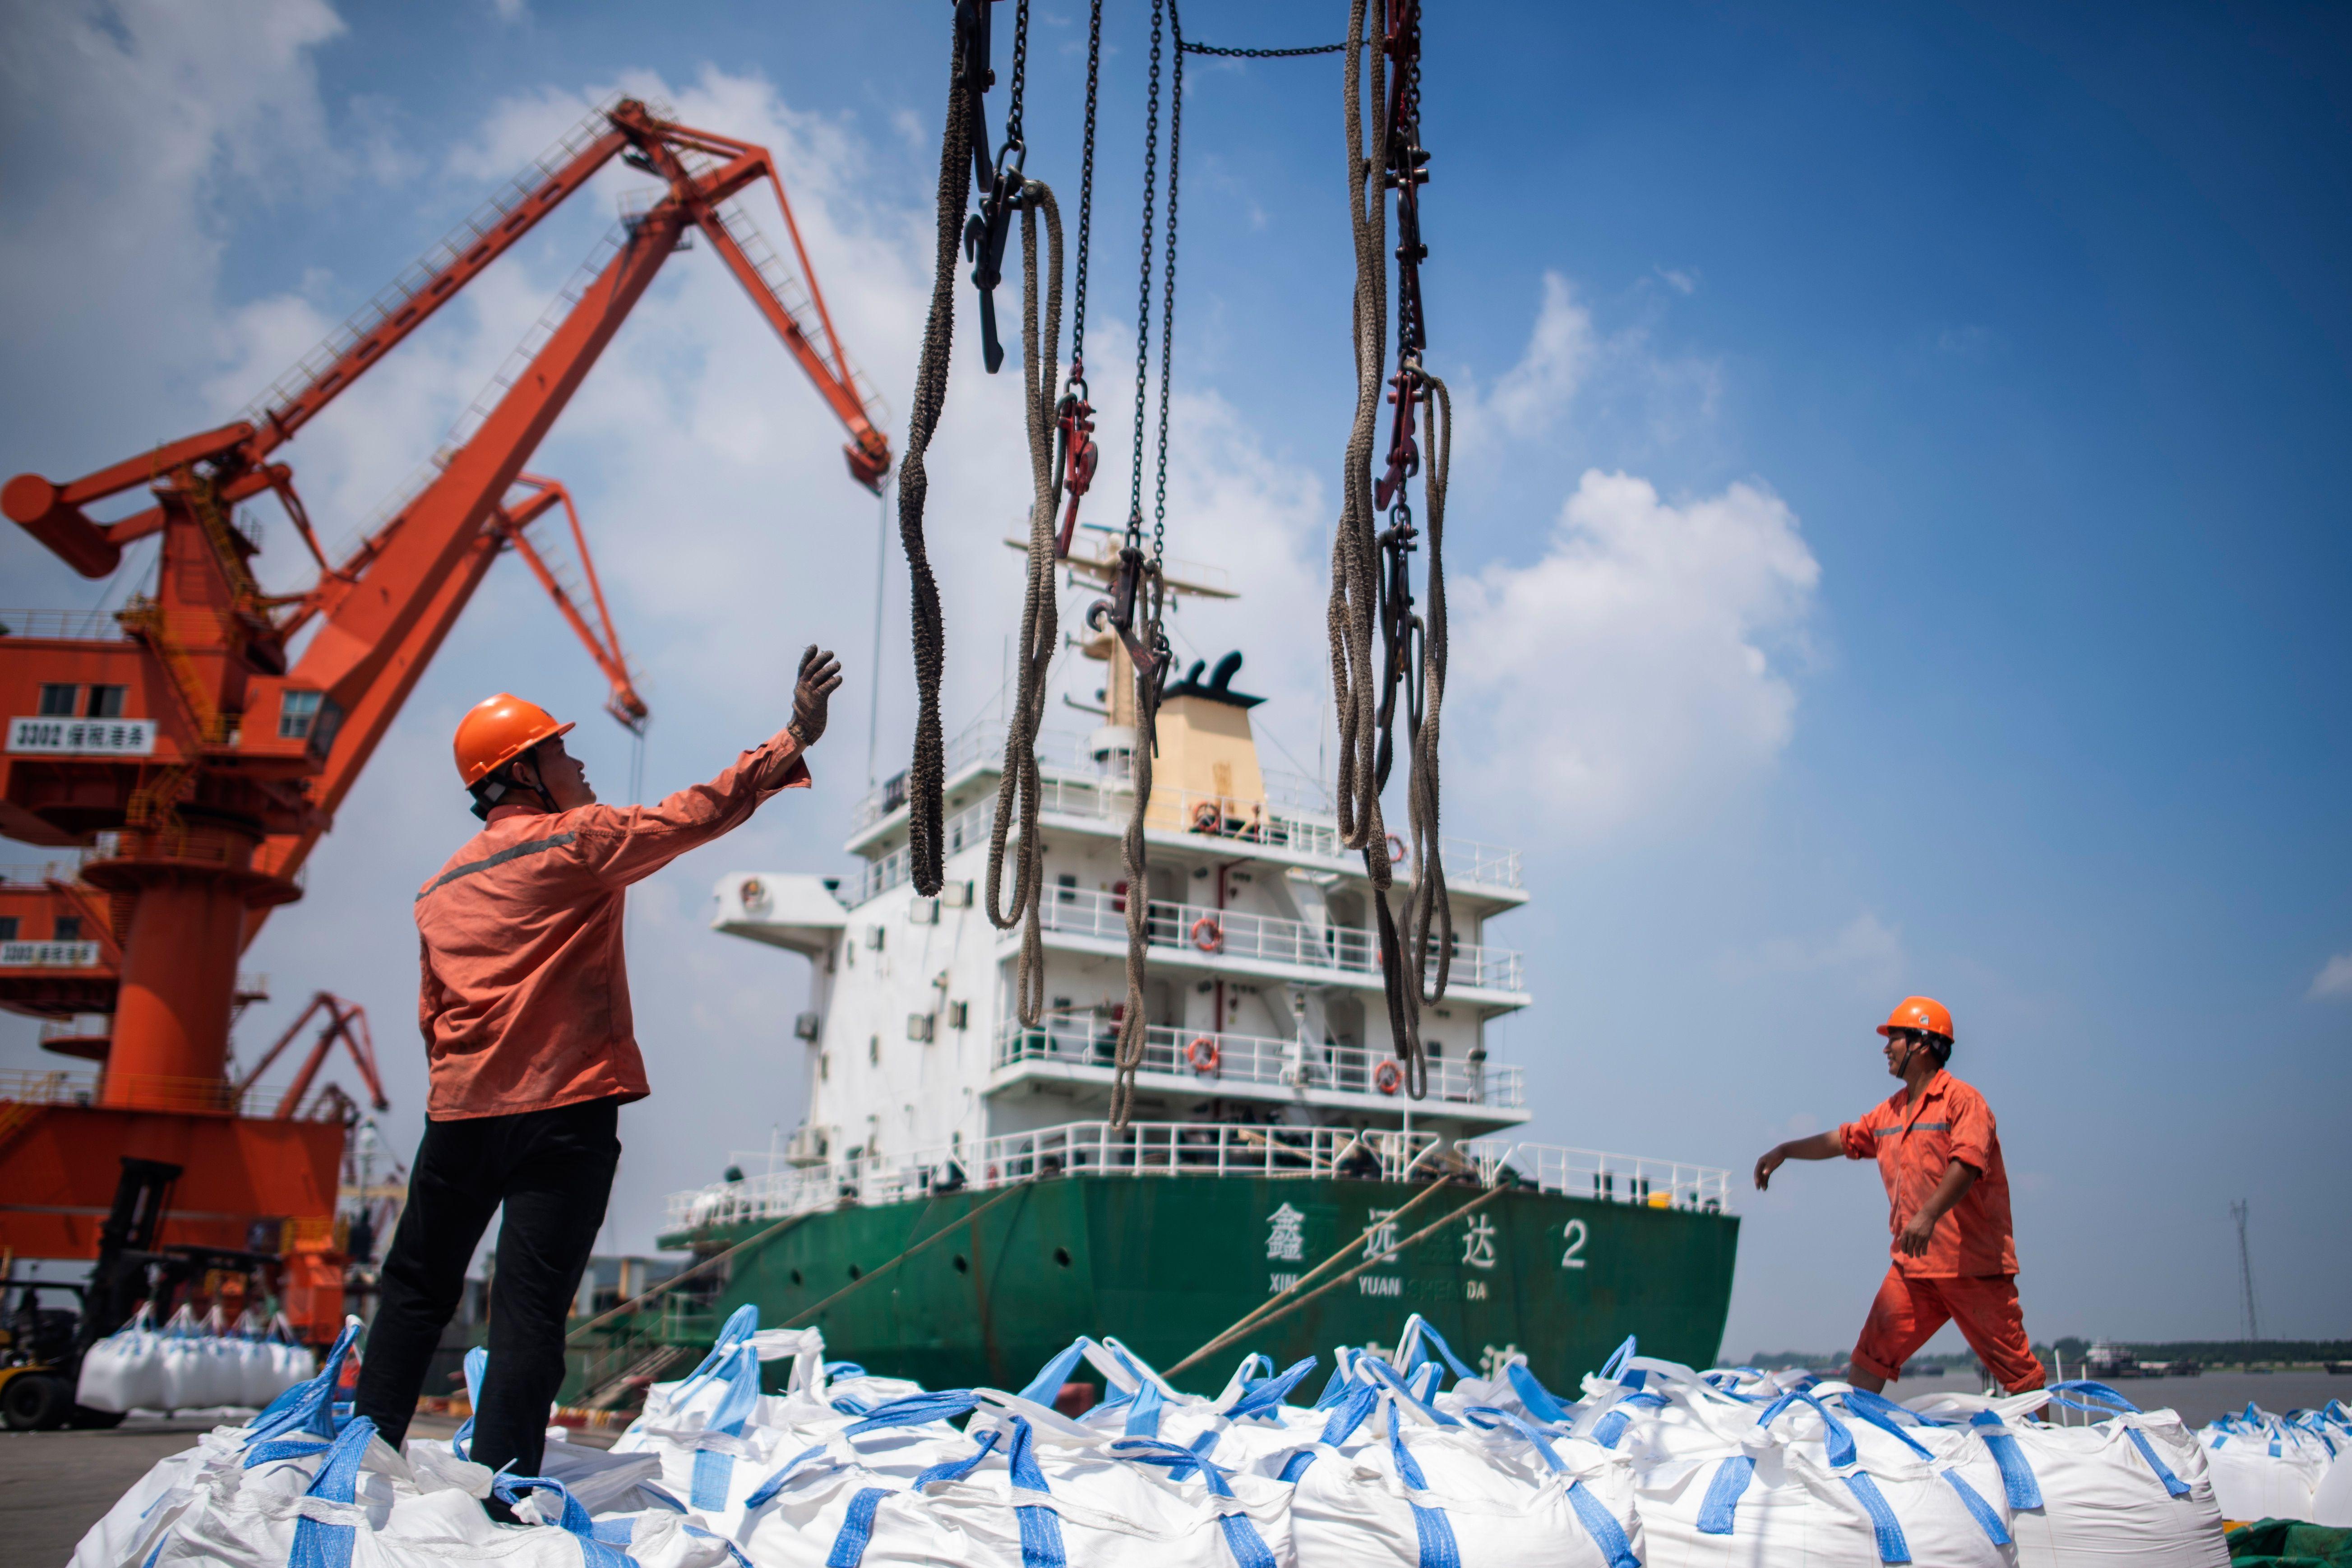 中共官方資料顯示,中國去年12月的出口額創兩年來新低,這被視為經濟進一步衰退的跡象。圖為2018年8月7日,大陸江蘇省張家港市的港口工人在卸貨。(JOHANNES EISELE/AFP/Getty Images)